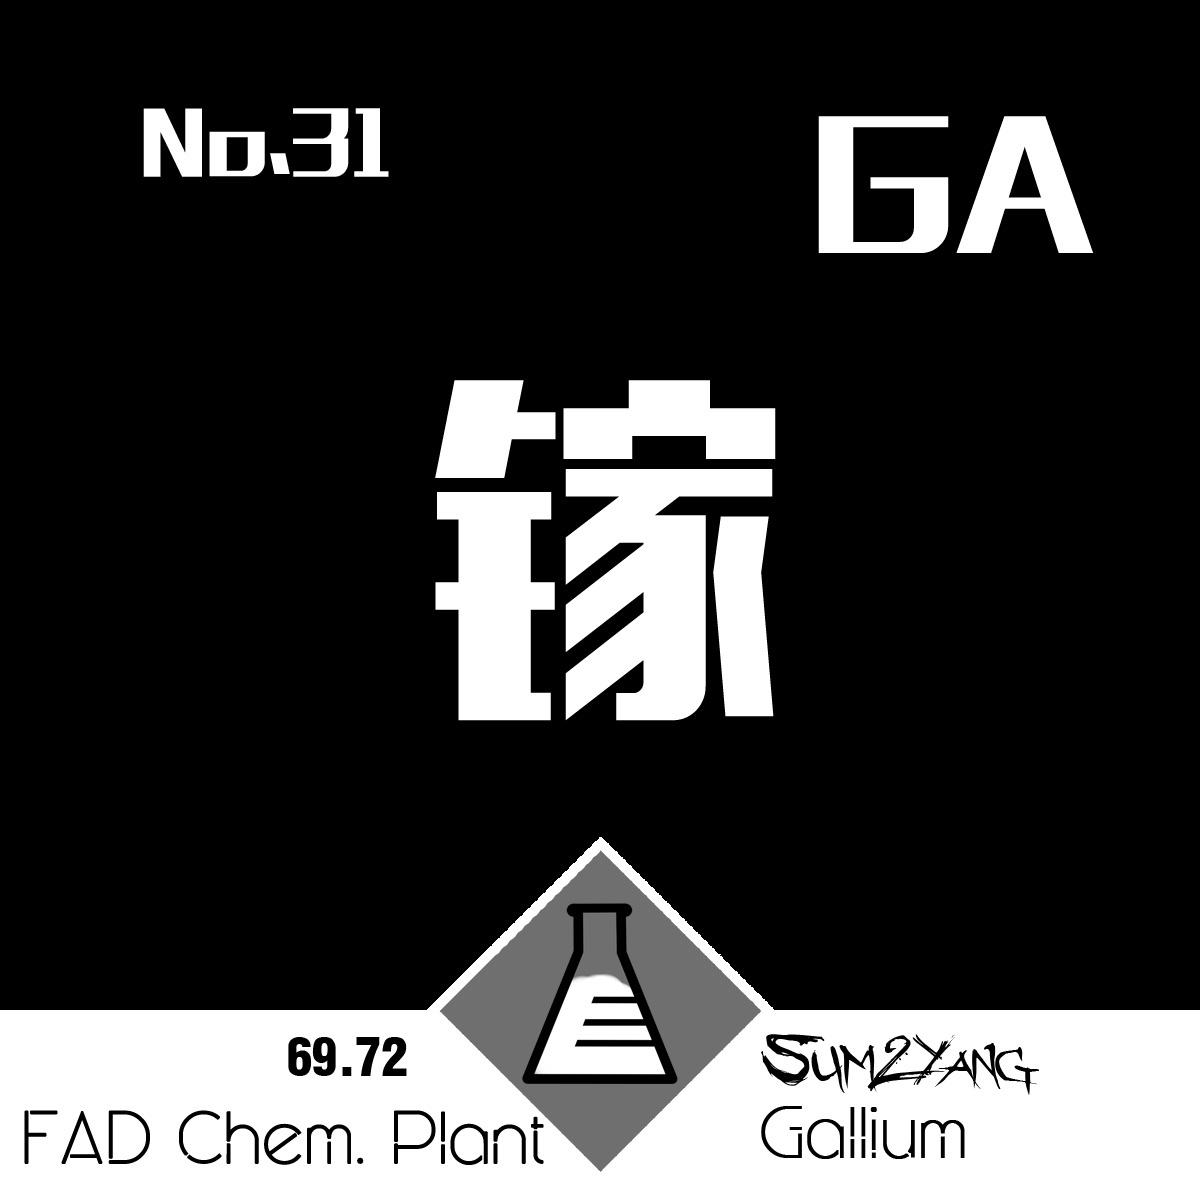 仰夏旬专辑介绍: 【Progressive House】前方,你要的元素周期表。鼓掌欢迎~gagaga镓 中文名 镓 外文名 Gallium 元素符号 Ga 原子量 69.72 发现人 布瓦博得朗 CAS号 7440-55-3 原子序数 31